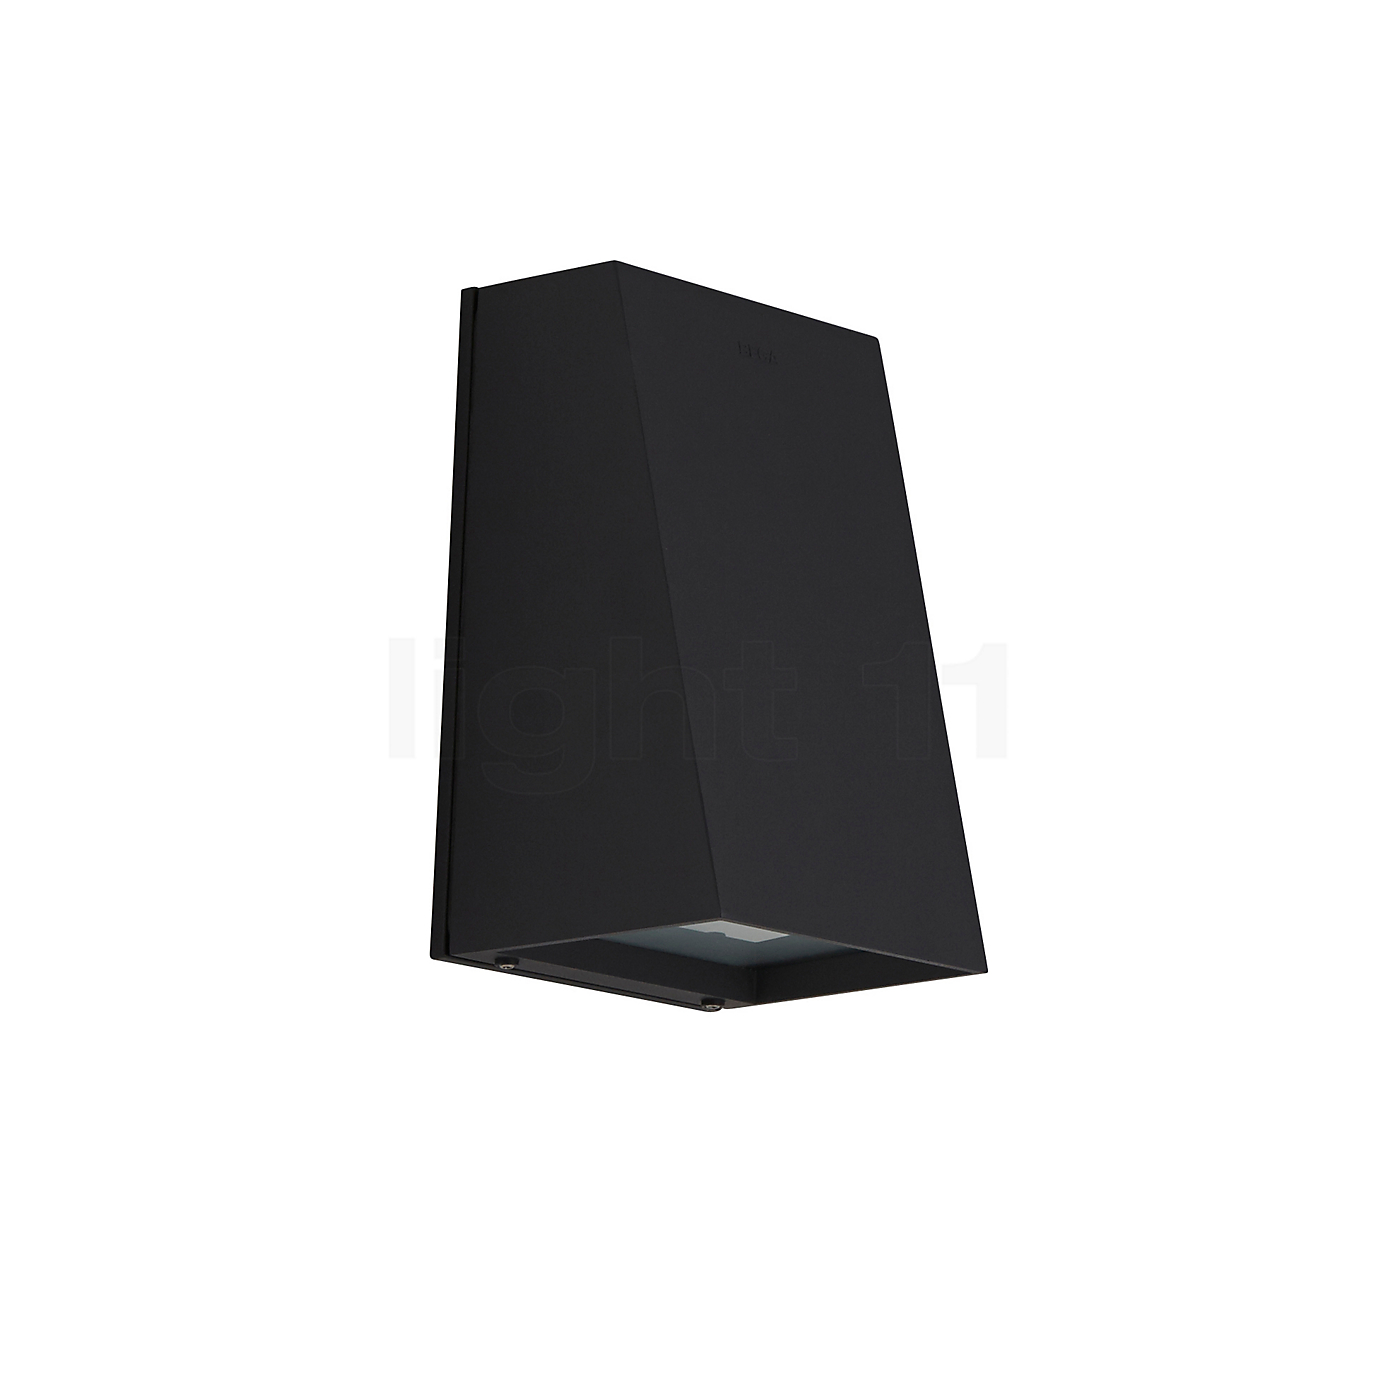 bega 33576 wandleuchte fluo wall lights buy at. Black Bedroom Furniture Sets. Home Design Ideas